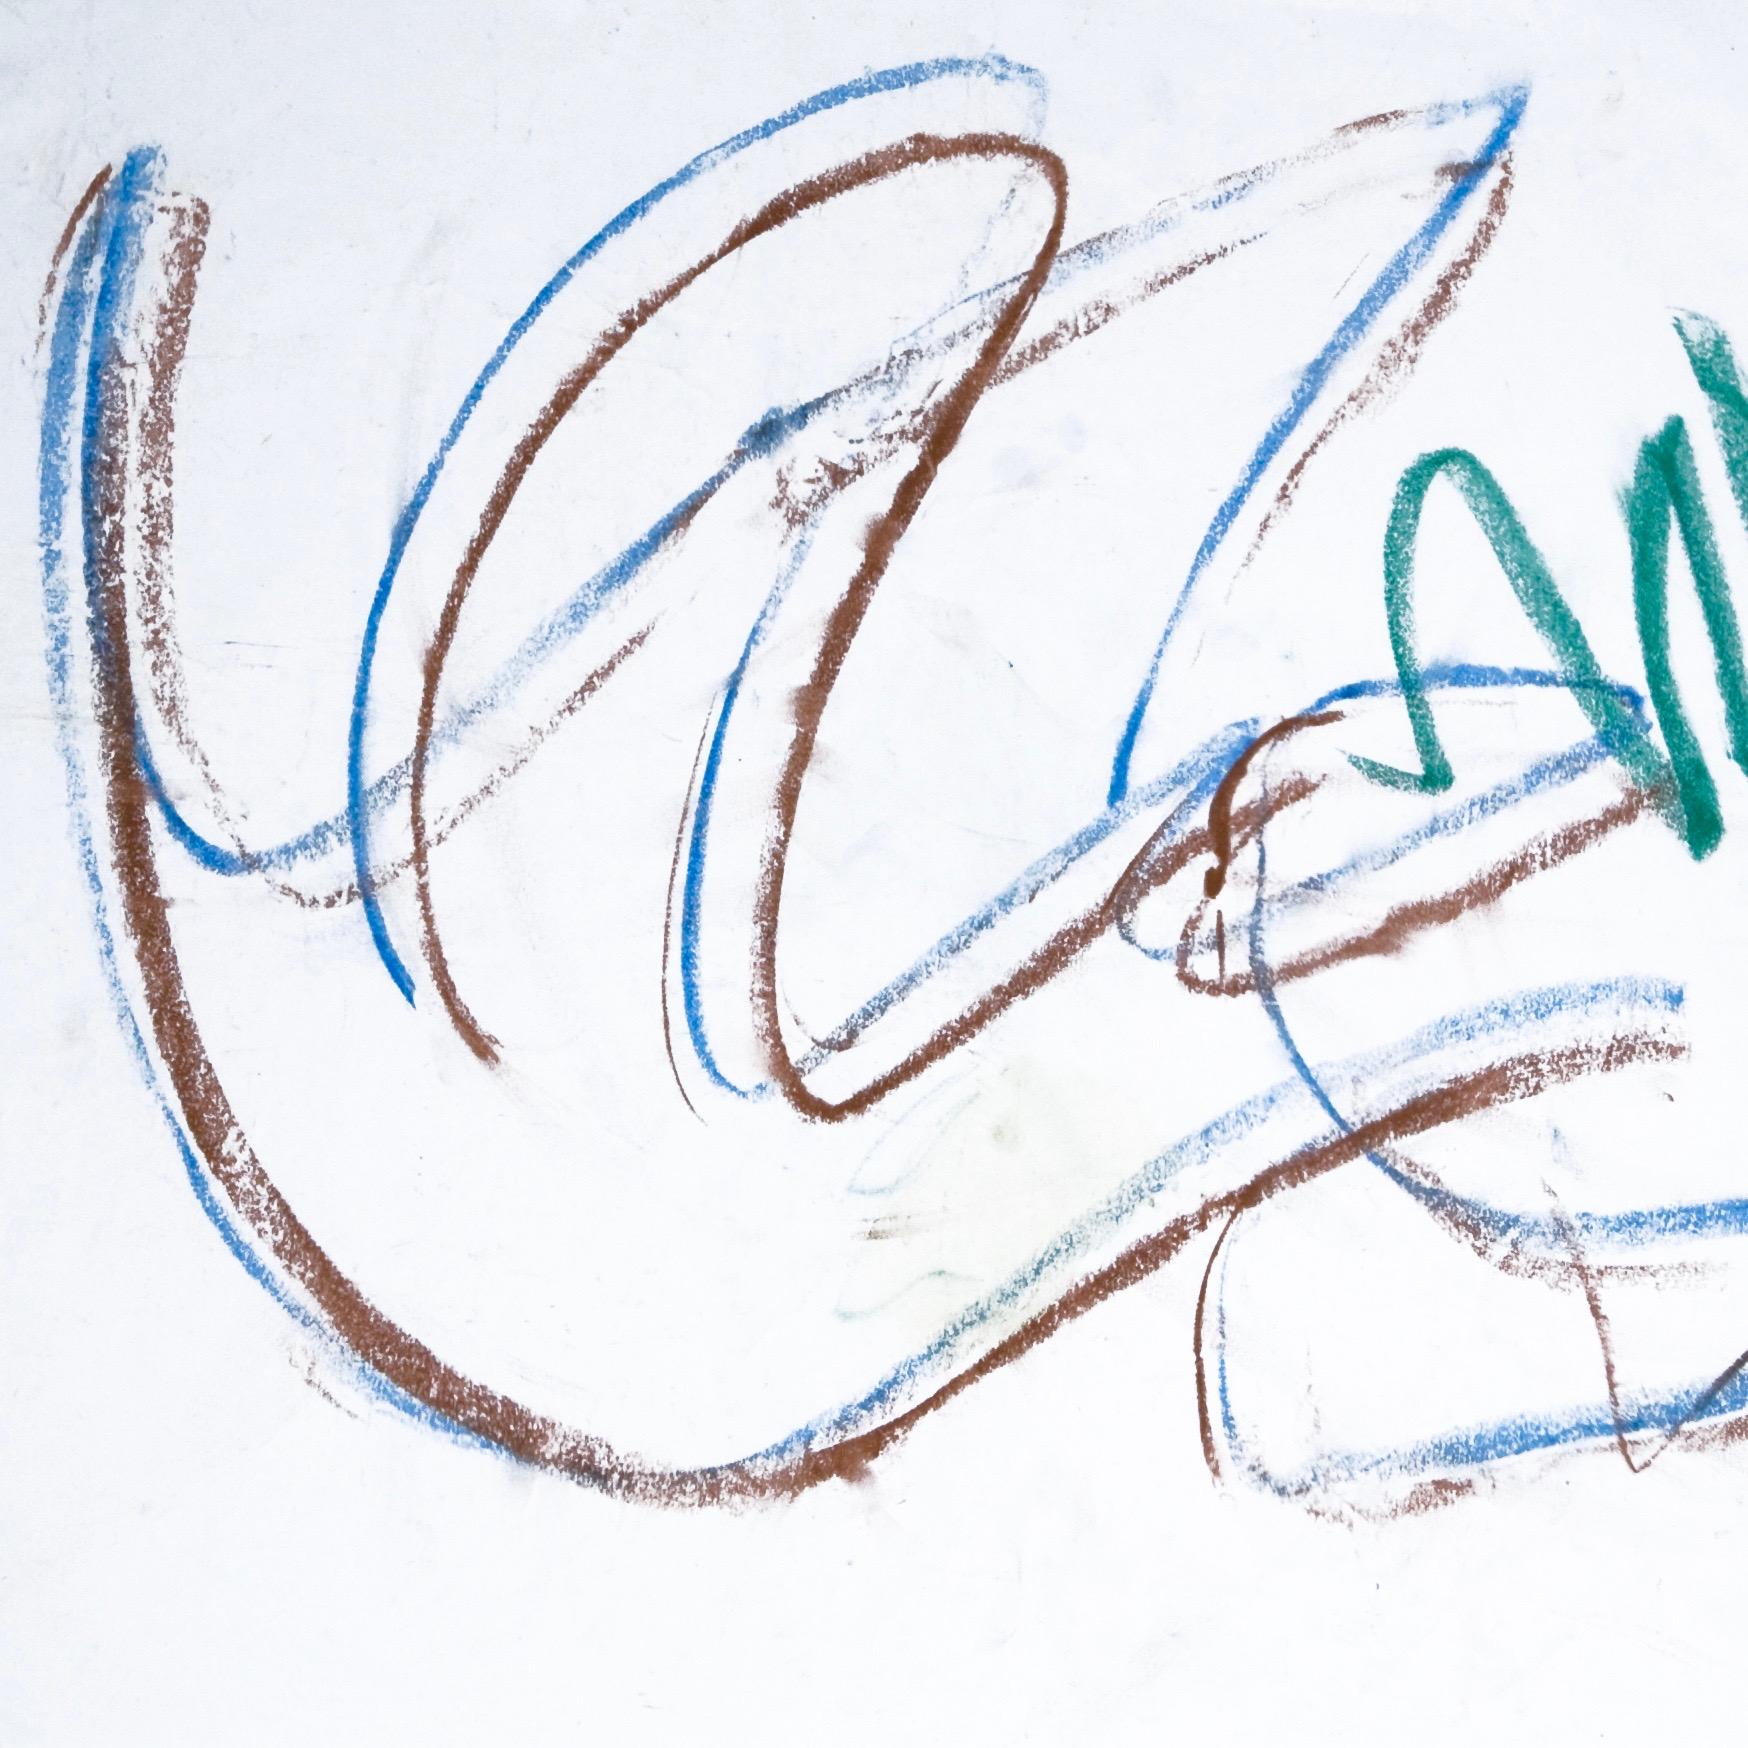 Sita 0198, 2009, Wachsmalstift auf Papier, 45 x 61 cm